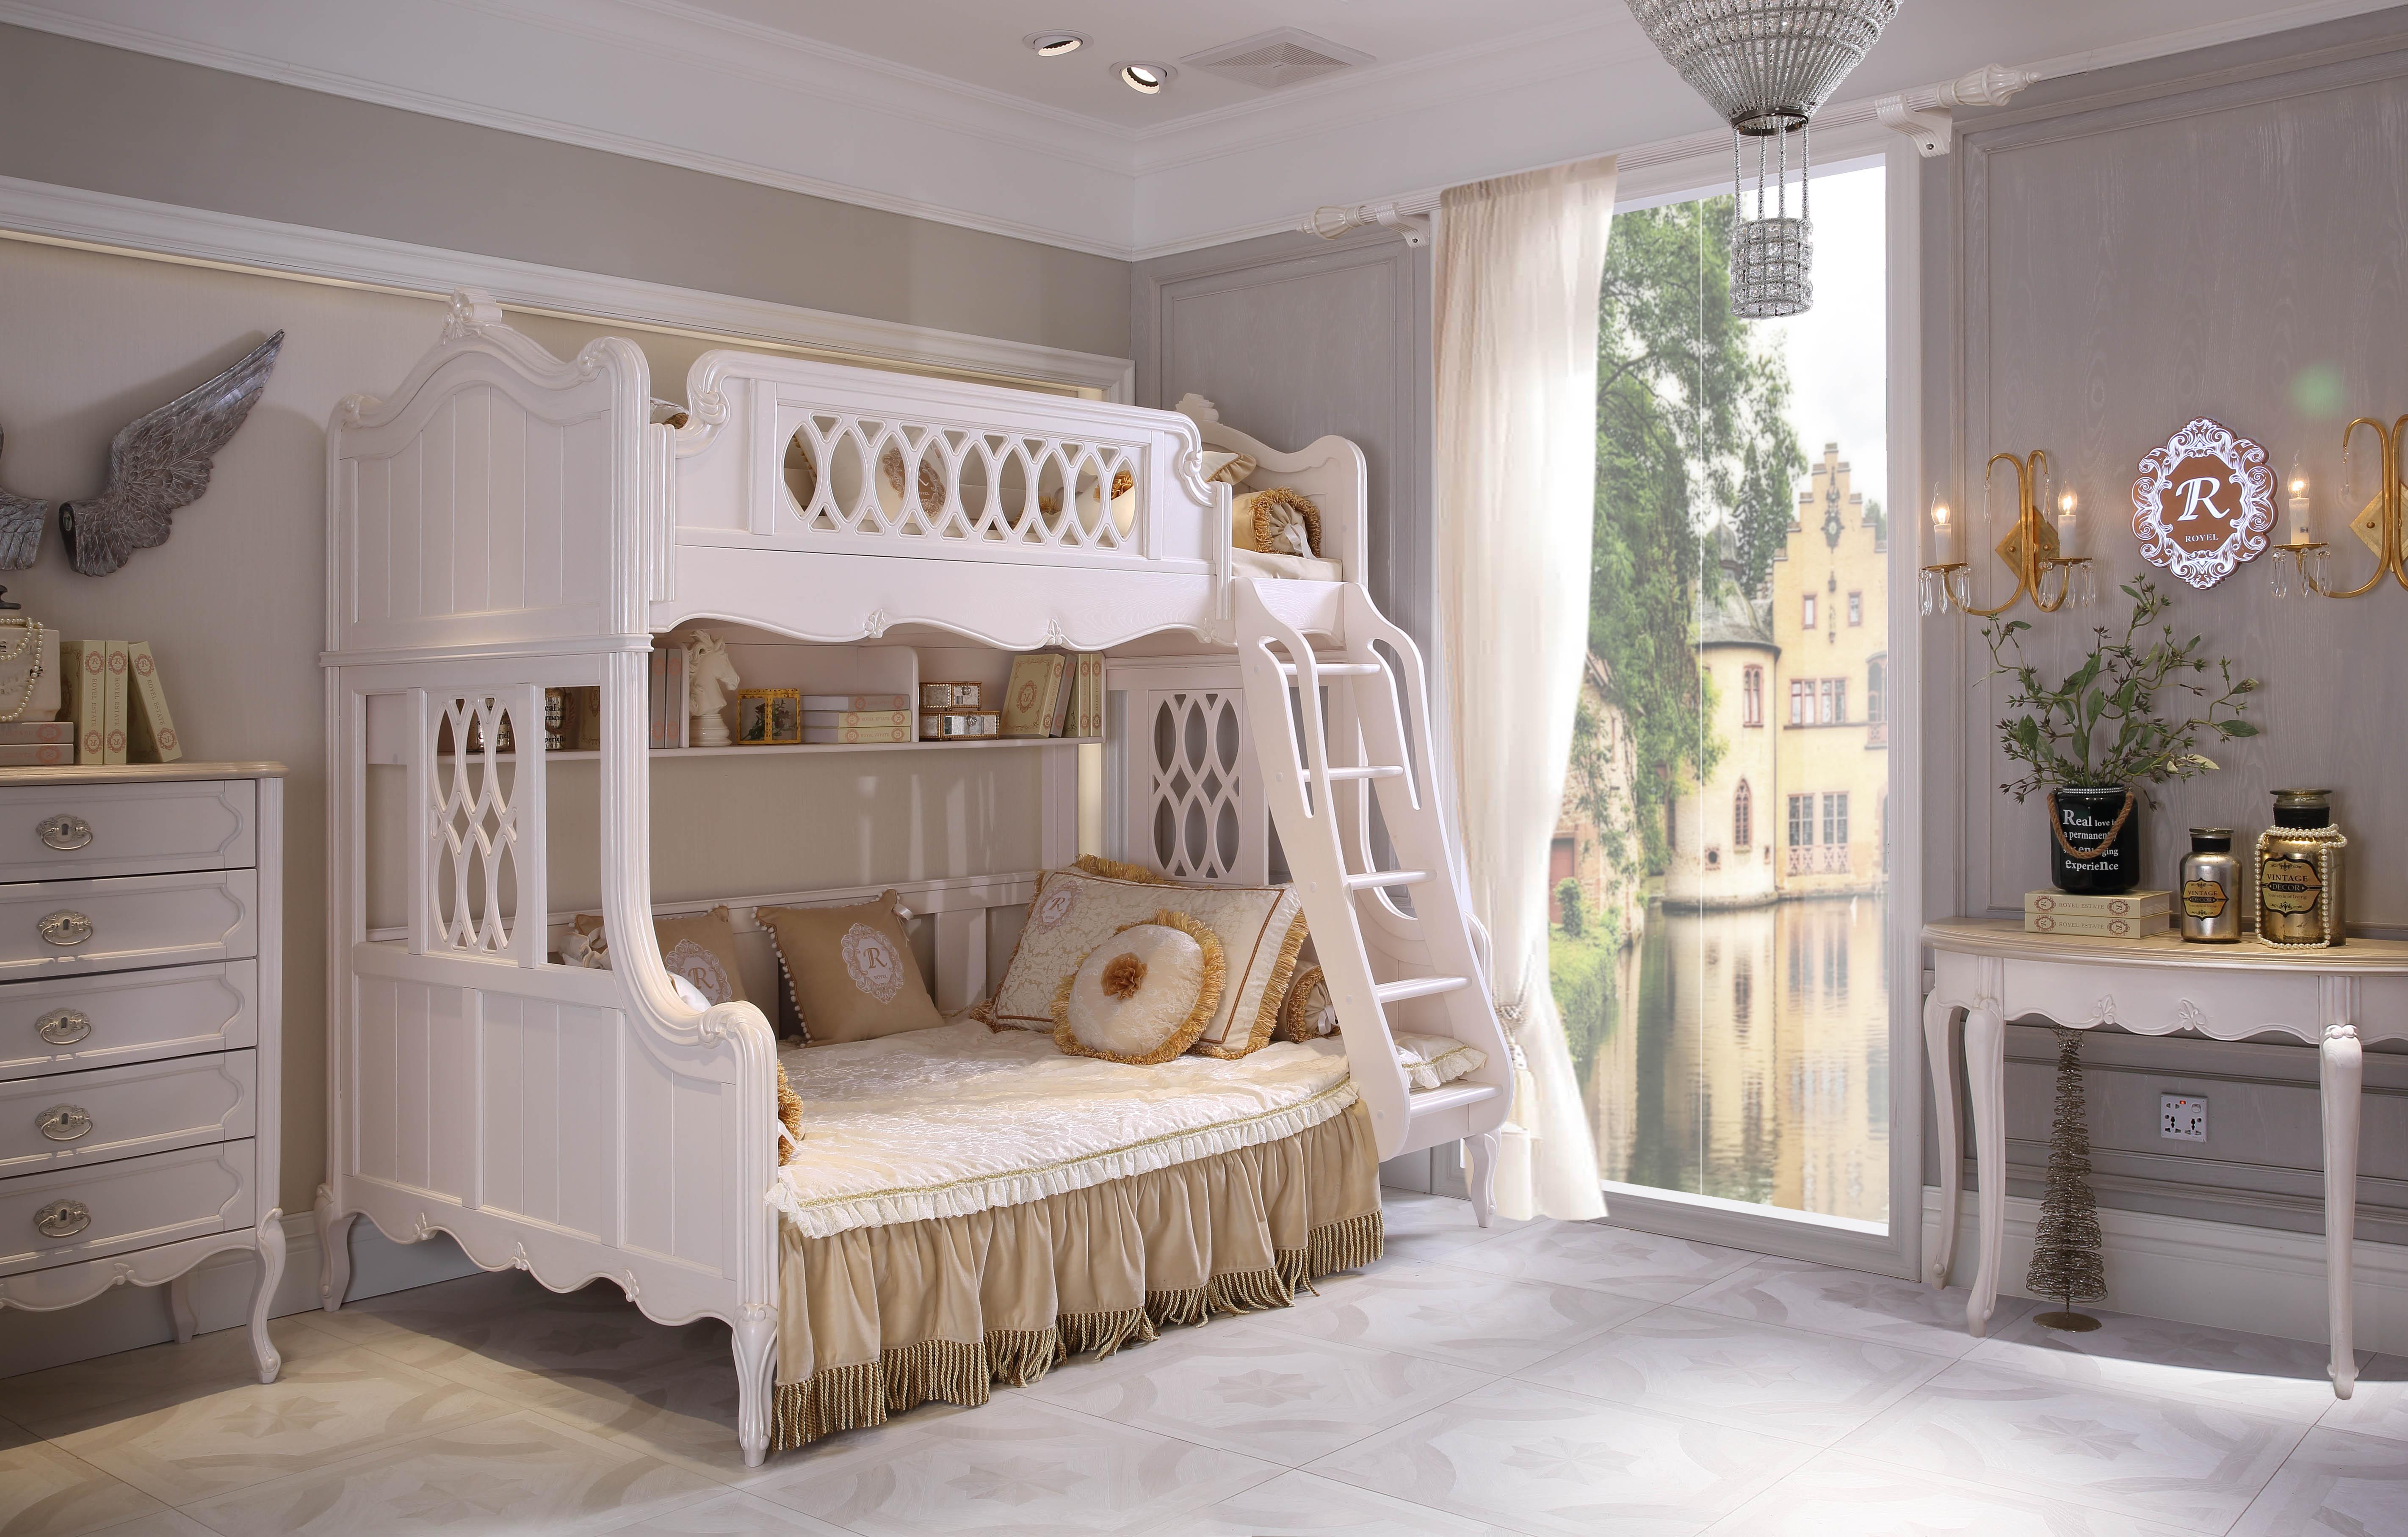 背景墙 房间 家居 起居室 设计 卧室 卧室装修 现代 装修 5687_3631图片